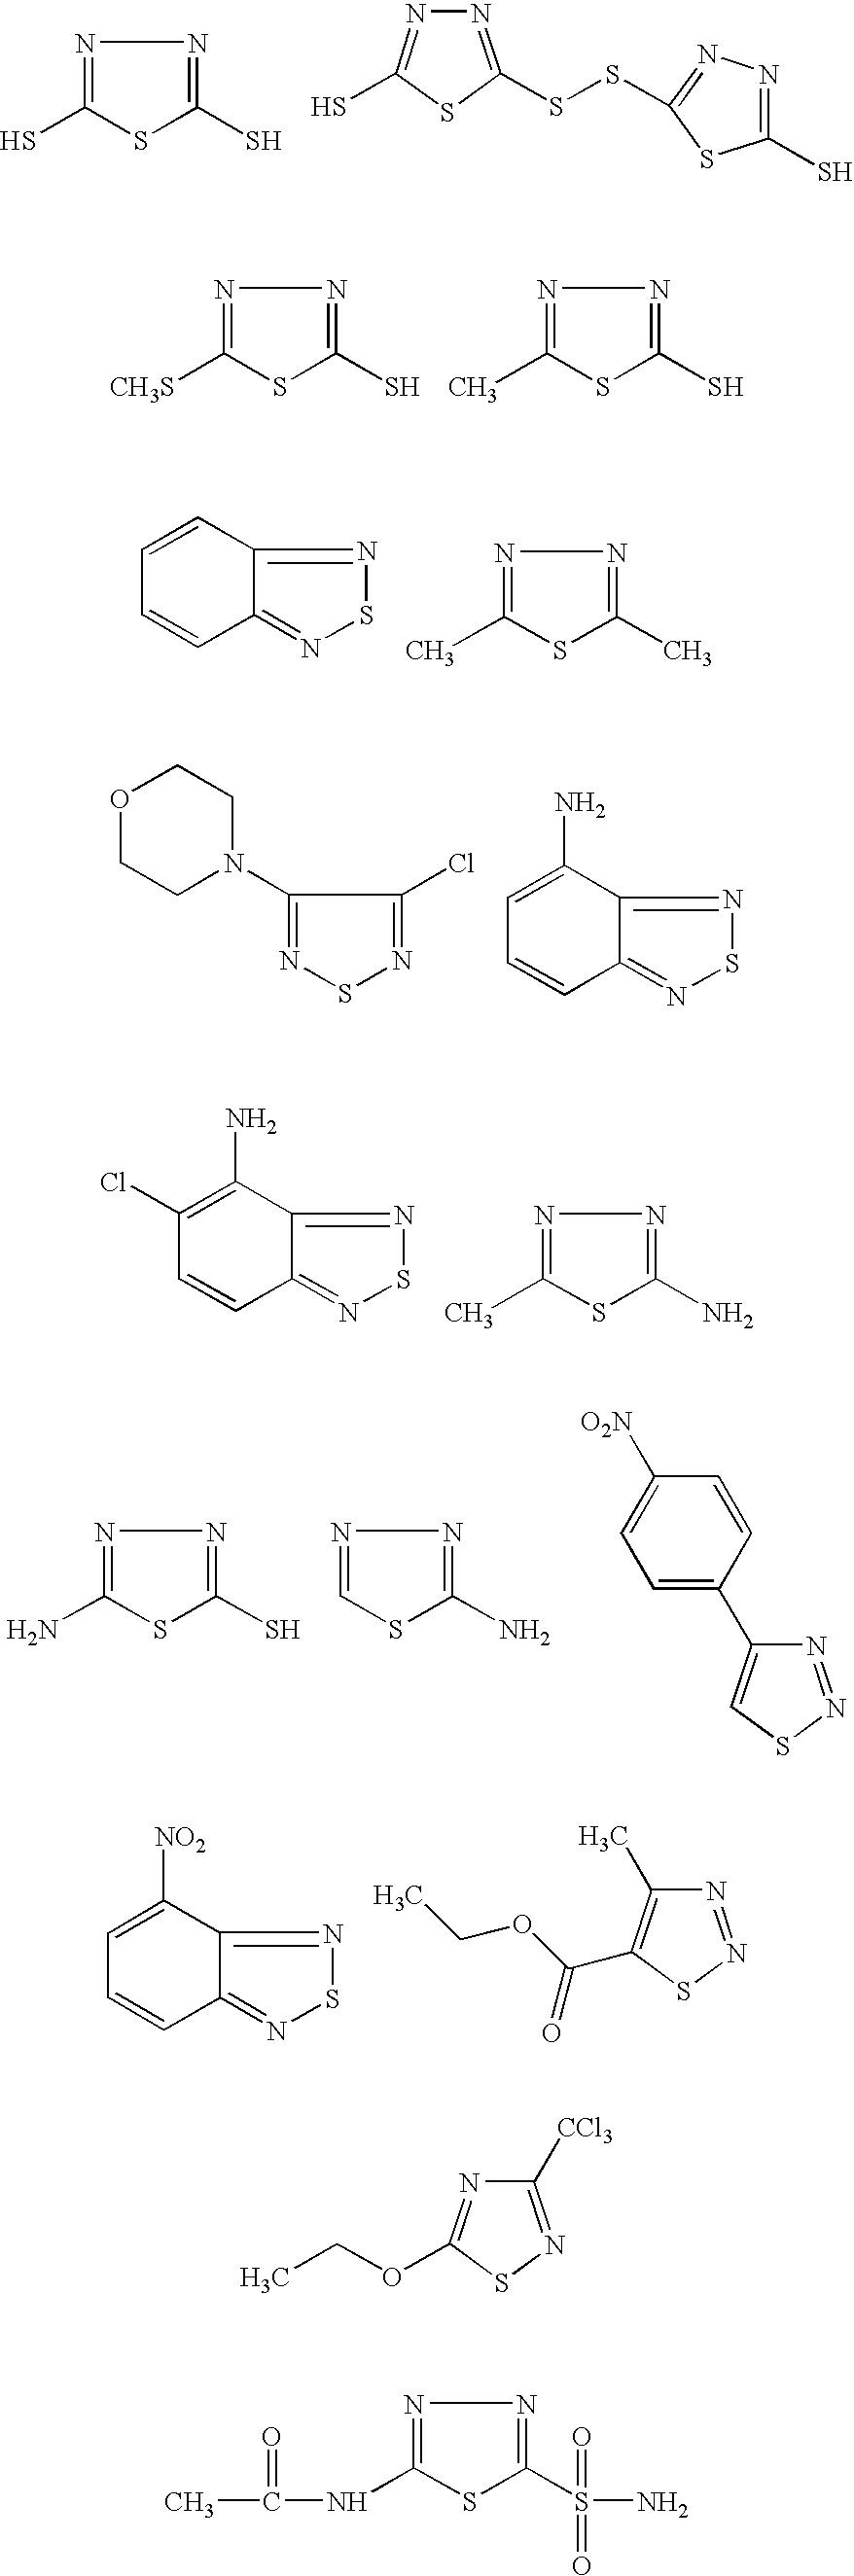 Figure US20090246666A1-20091001-C00005